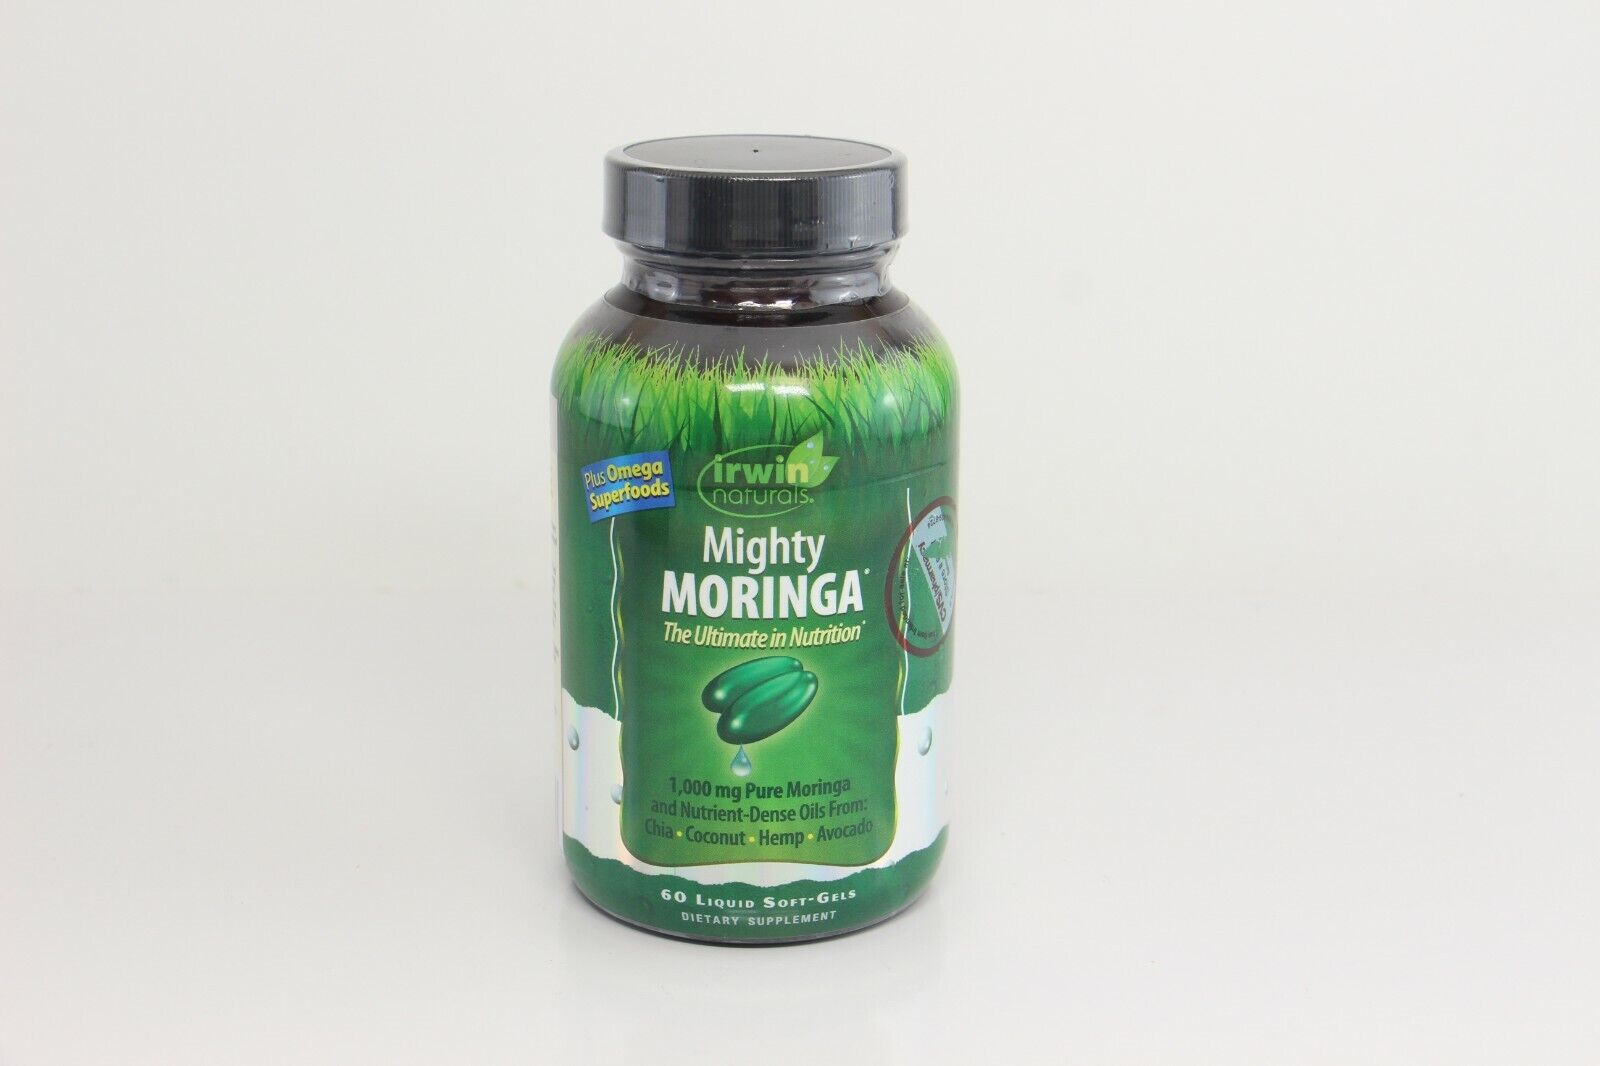 5 x Irwin Naturals Mighty Moringa 1,000 mg 60 Liquid Softgels EXP 3/19+